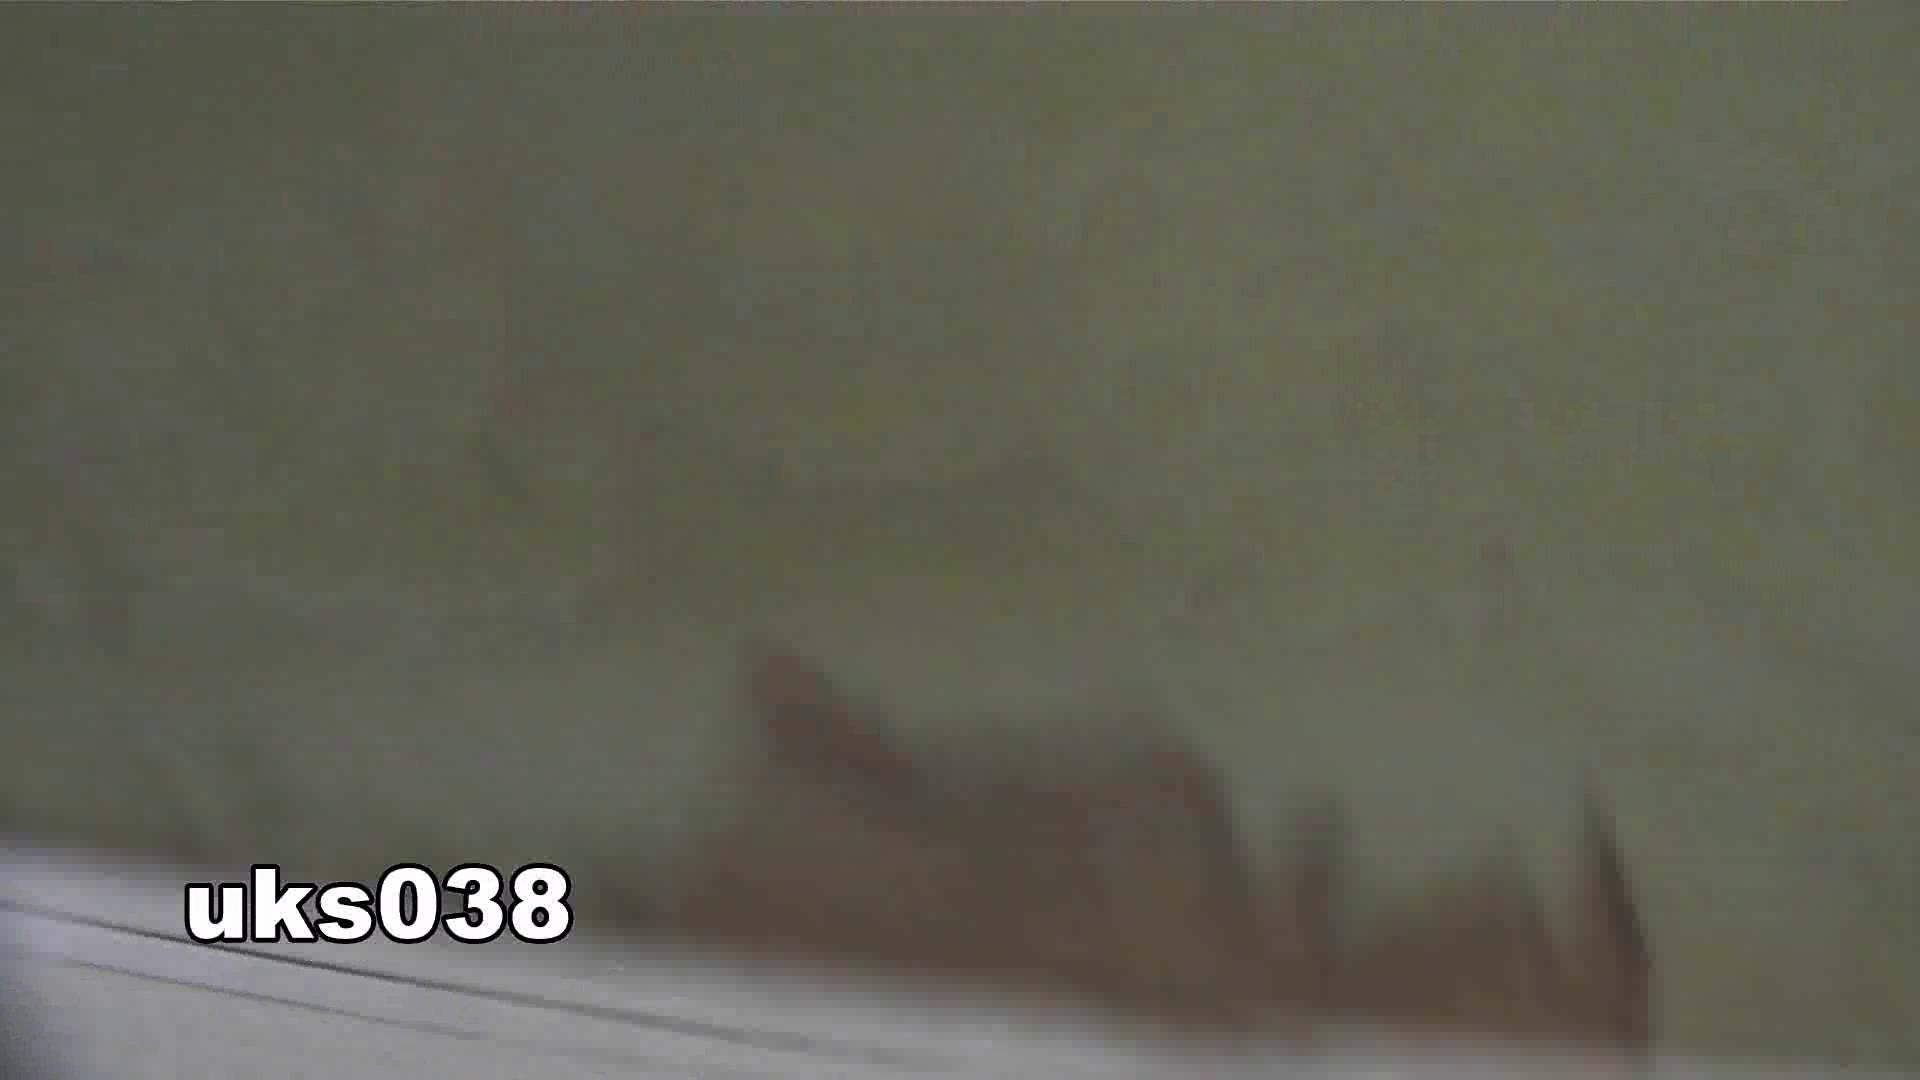 【美しき個室な世界】 vol.038 リボンだけでなく腰つきもエロス 洗面所 ヌード画像 84連発 83